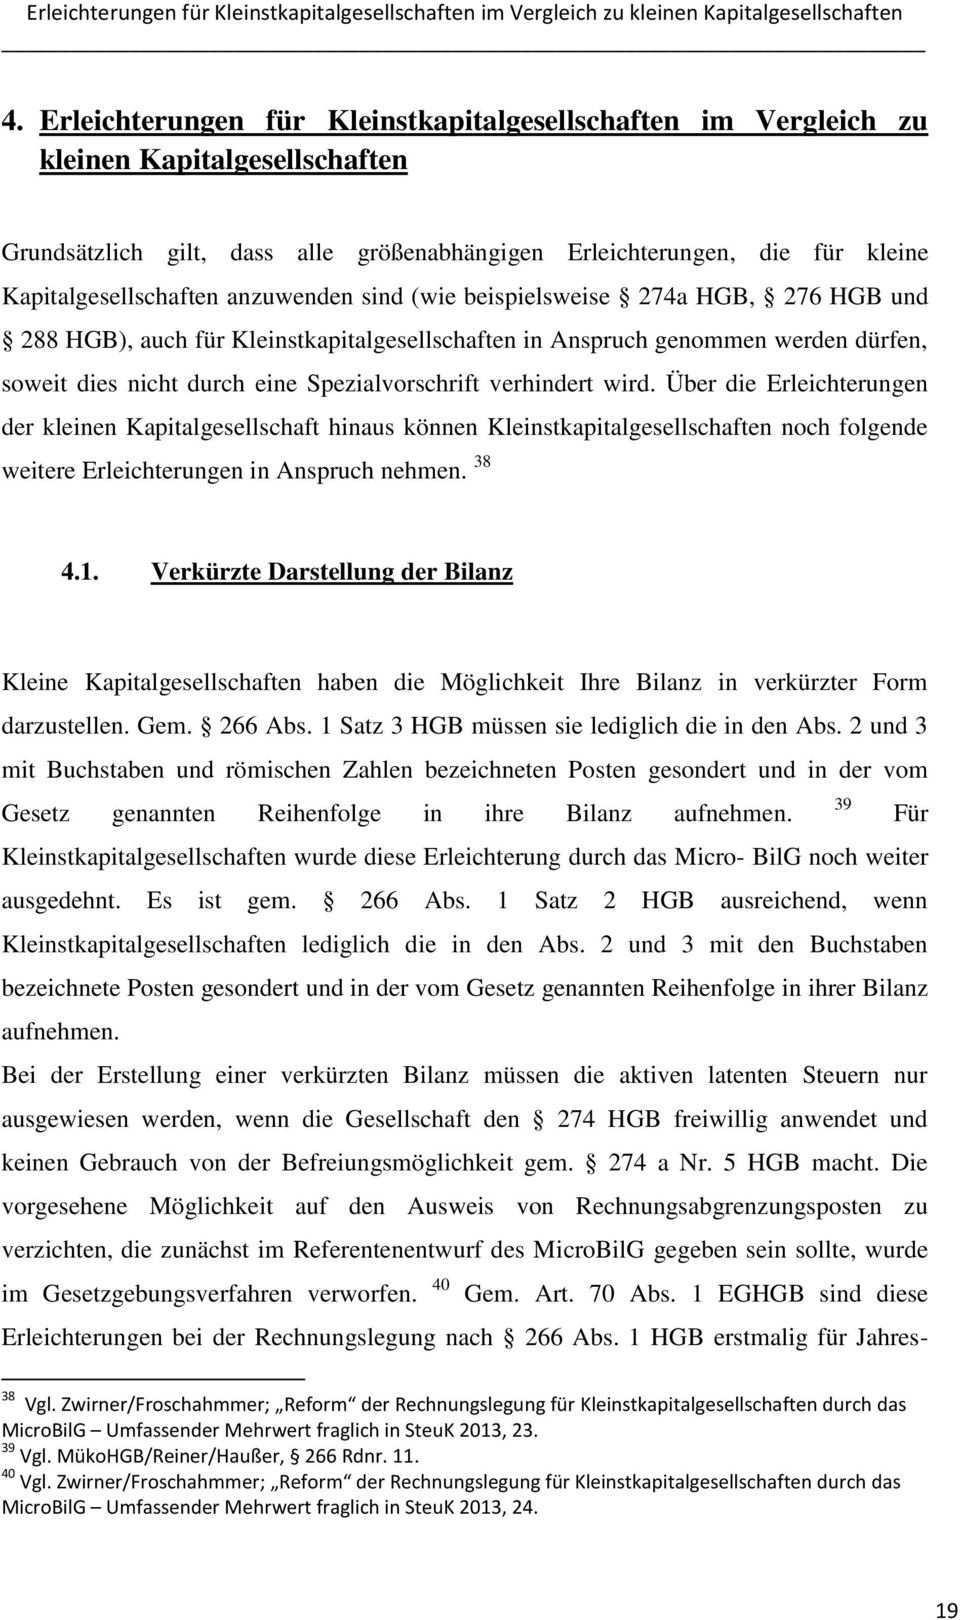 Kritische Analyse Der Erleichterungen Der Kleinstkapitalgesellschaften Durch Das Microbilg Pdf Free Download